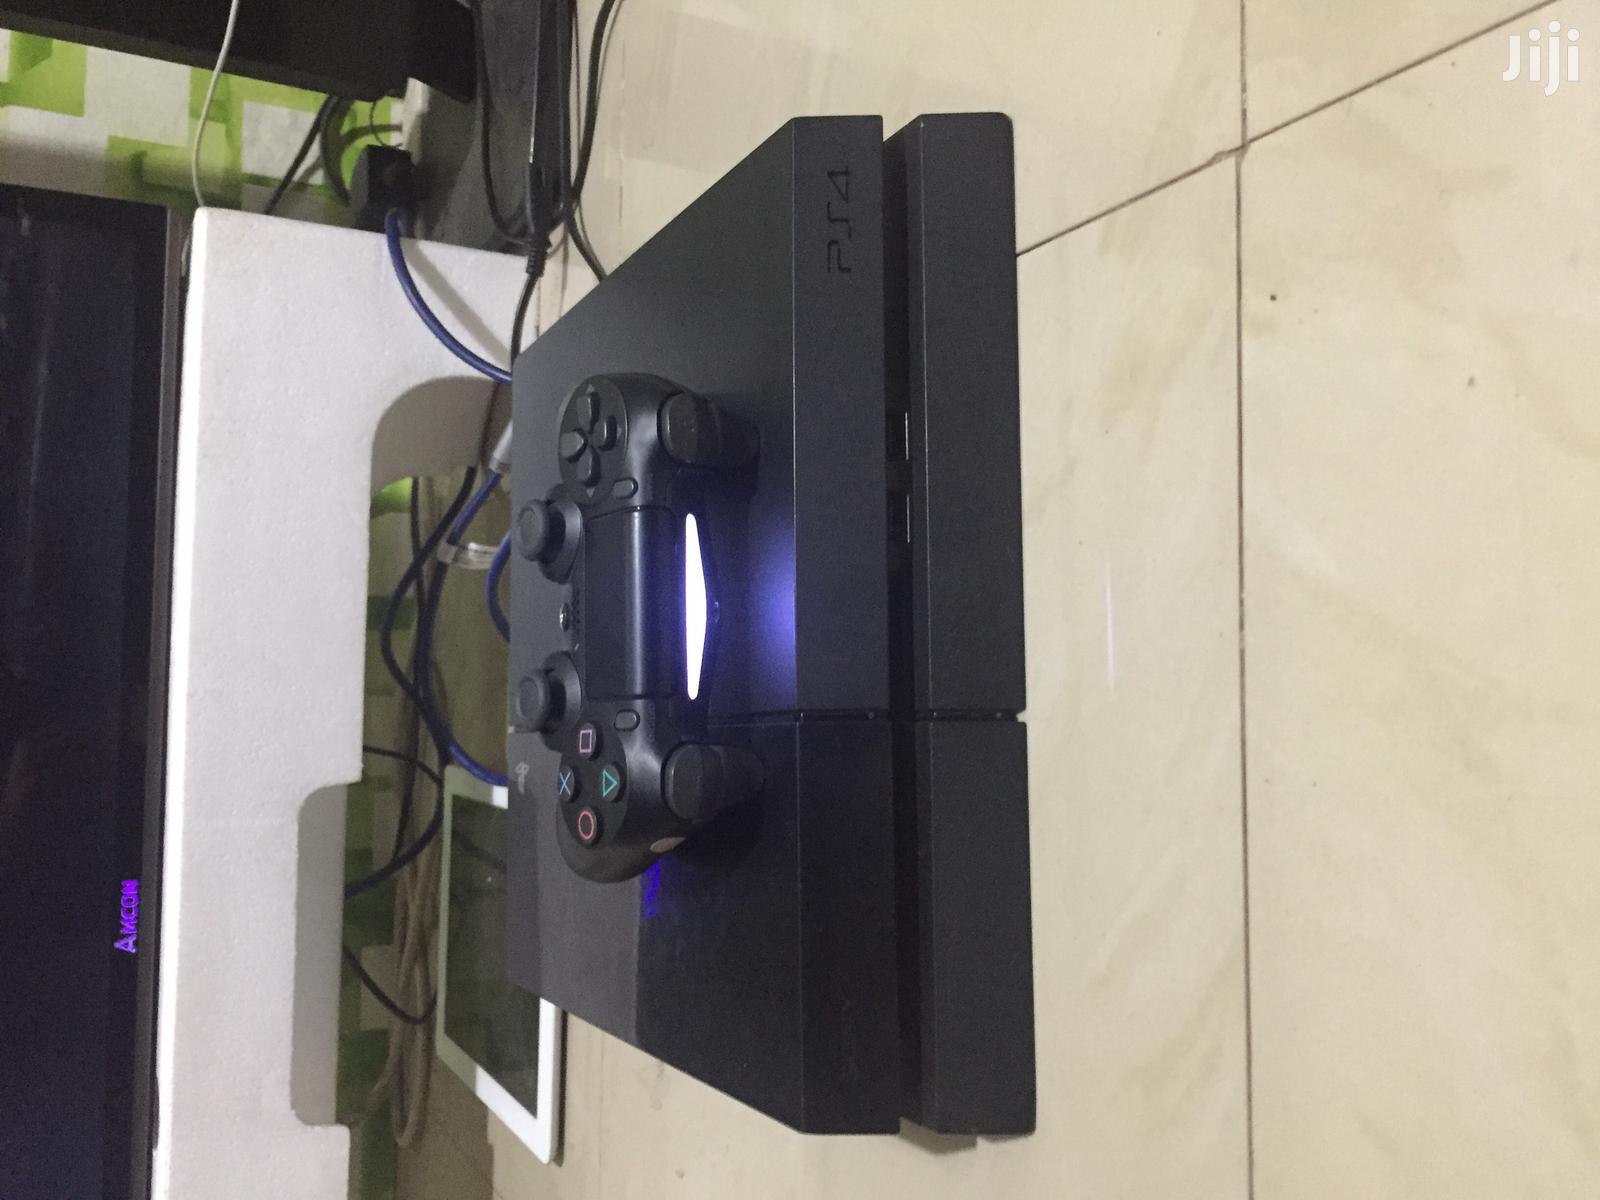 PS4 Fat 4 Games on It FIFA21 GTA5 Mk11 NBA20